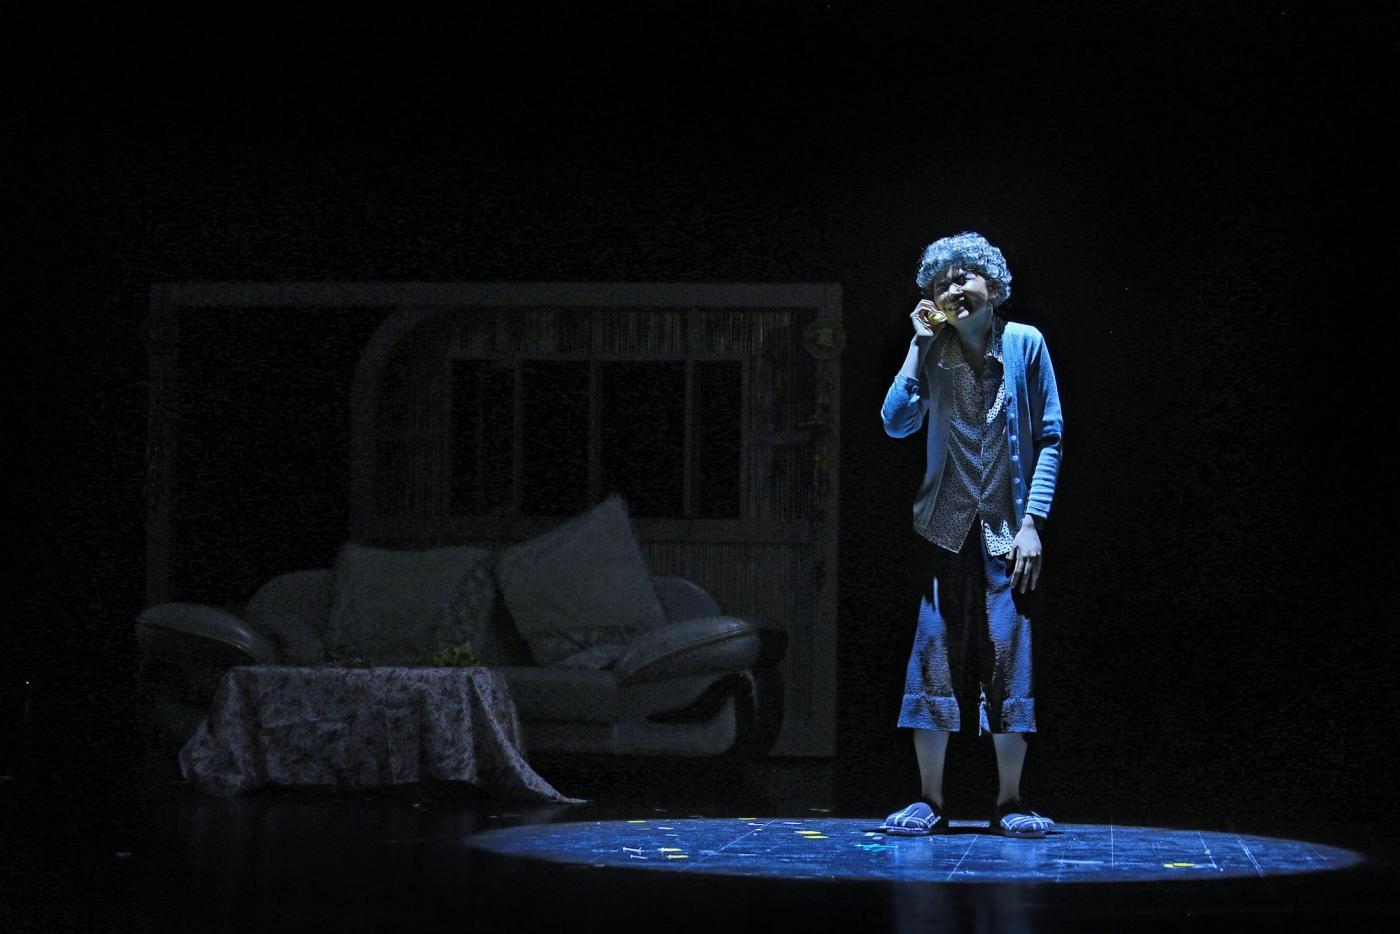 【达威】逆光下的舞台摄影_图1-13